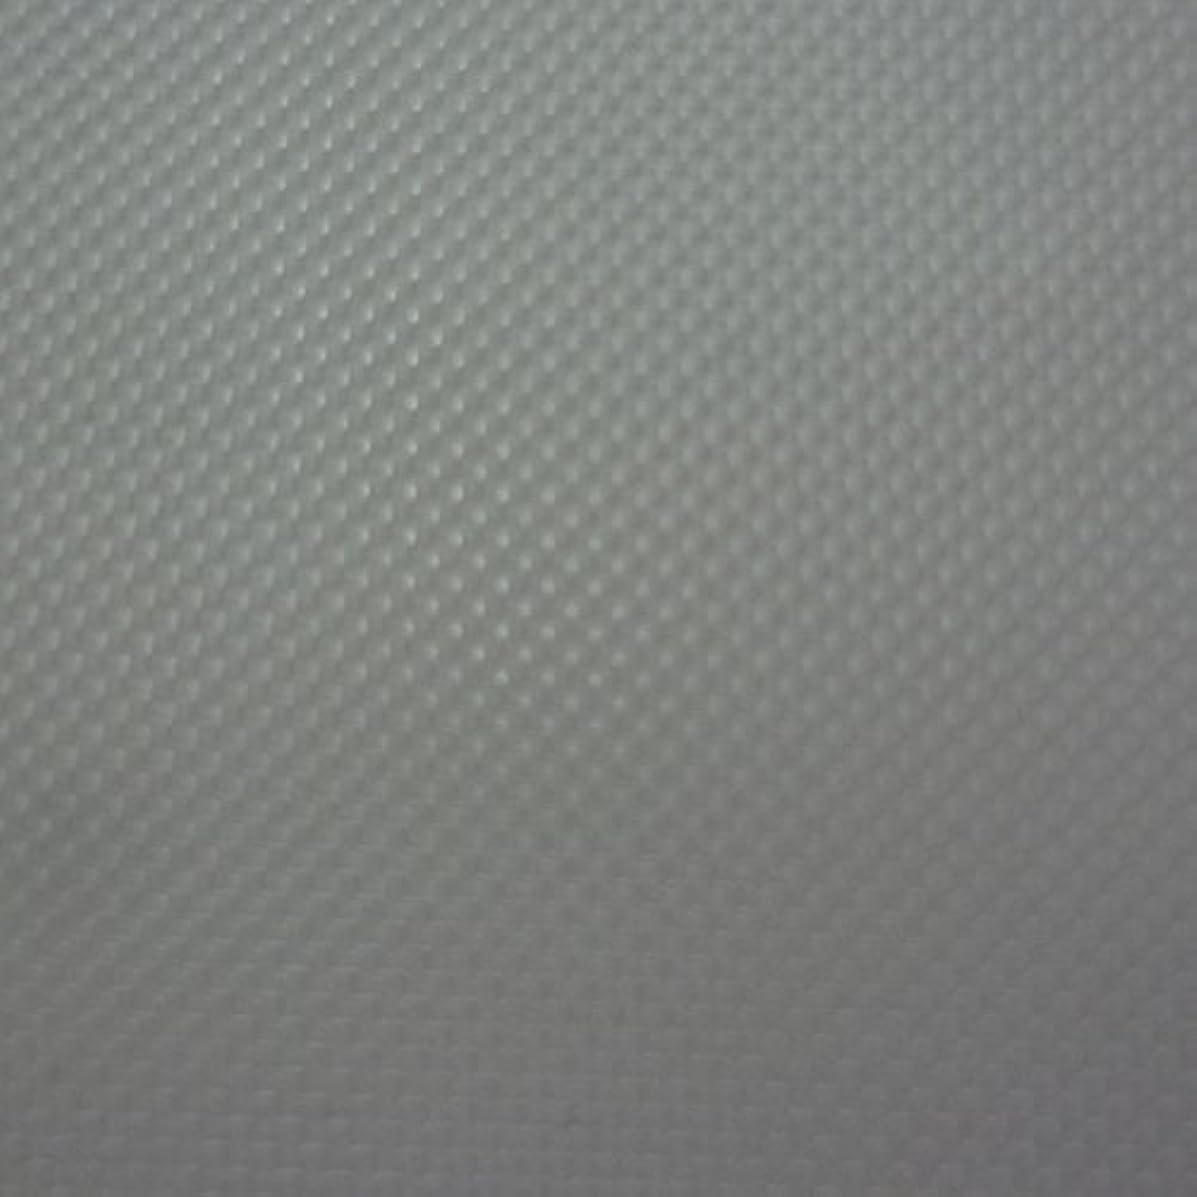 トライアスロン組み合わせ結婚樹脂メッシュ PPS メッシュ:60/40|線径(μ):150|目開き(μ):273/485|大きさ:1000mm×1m